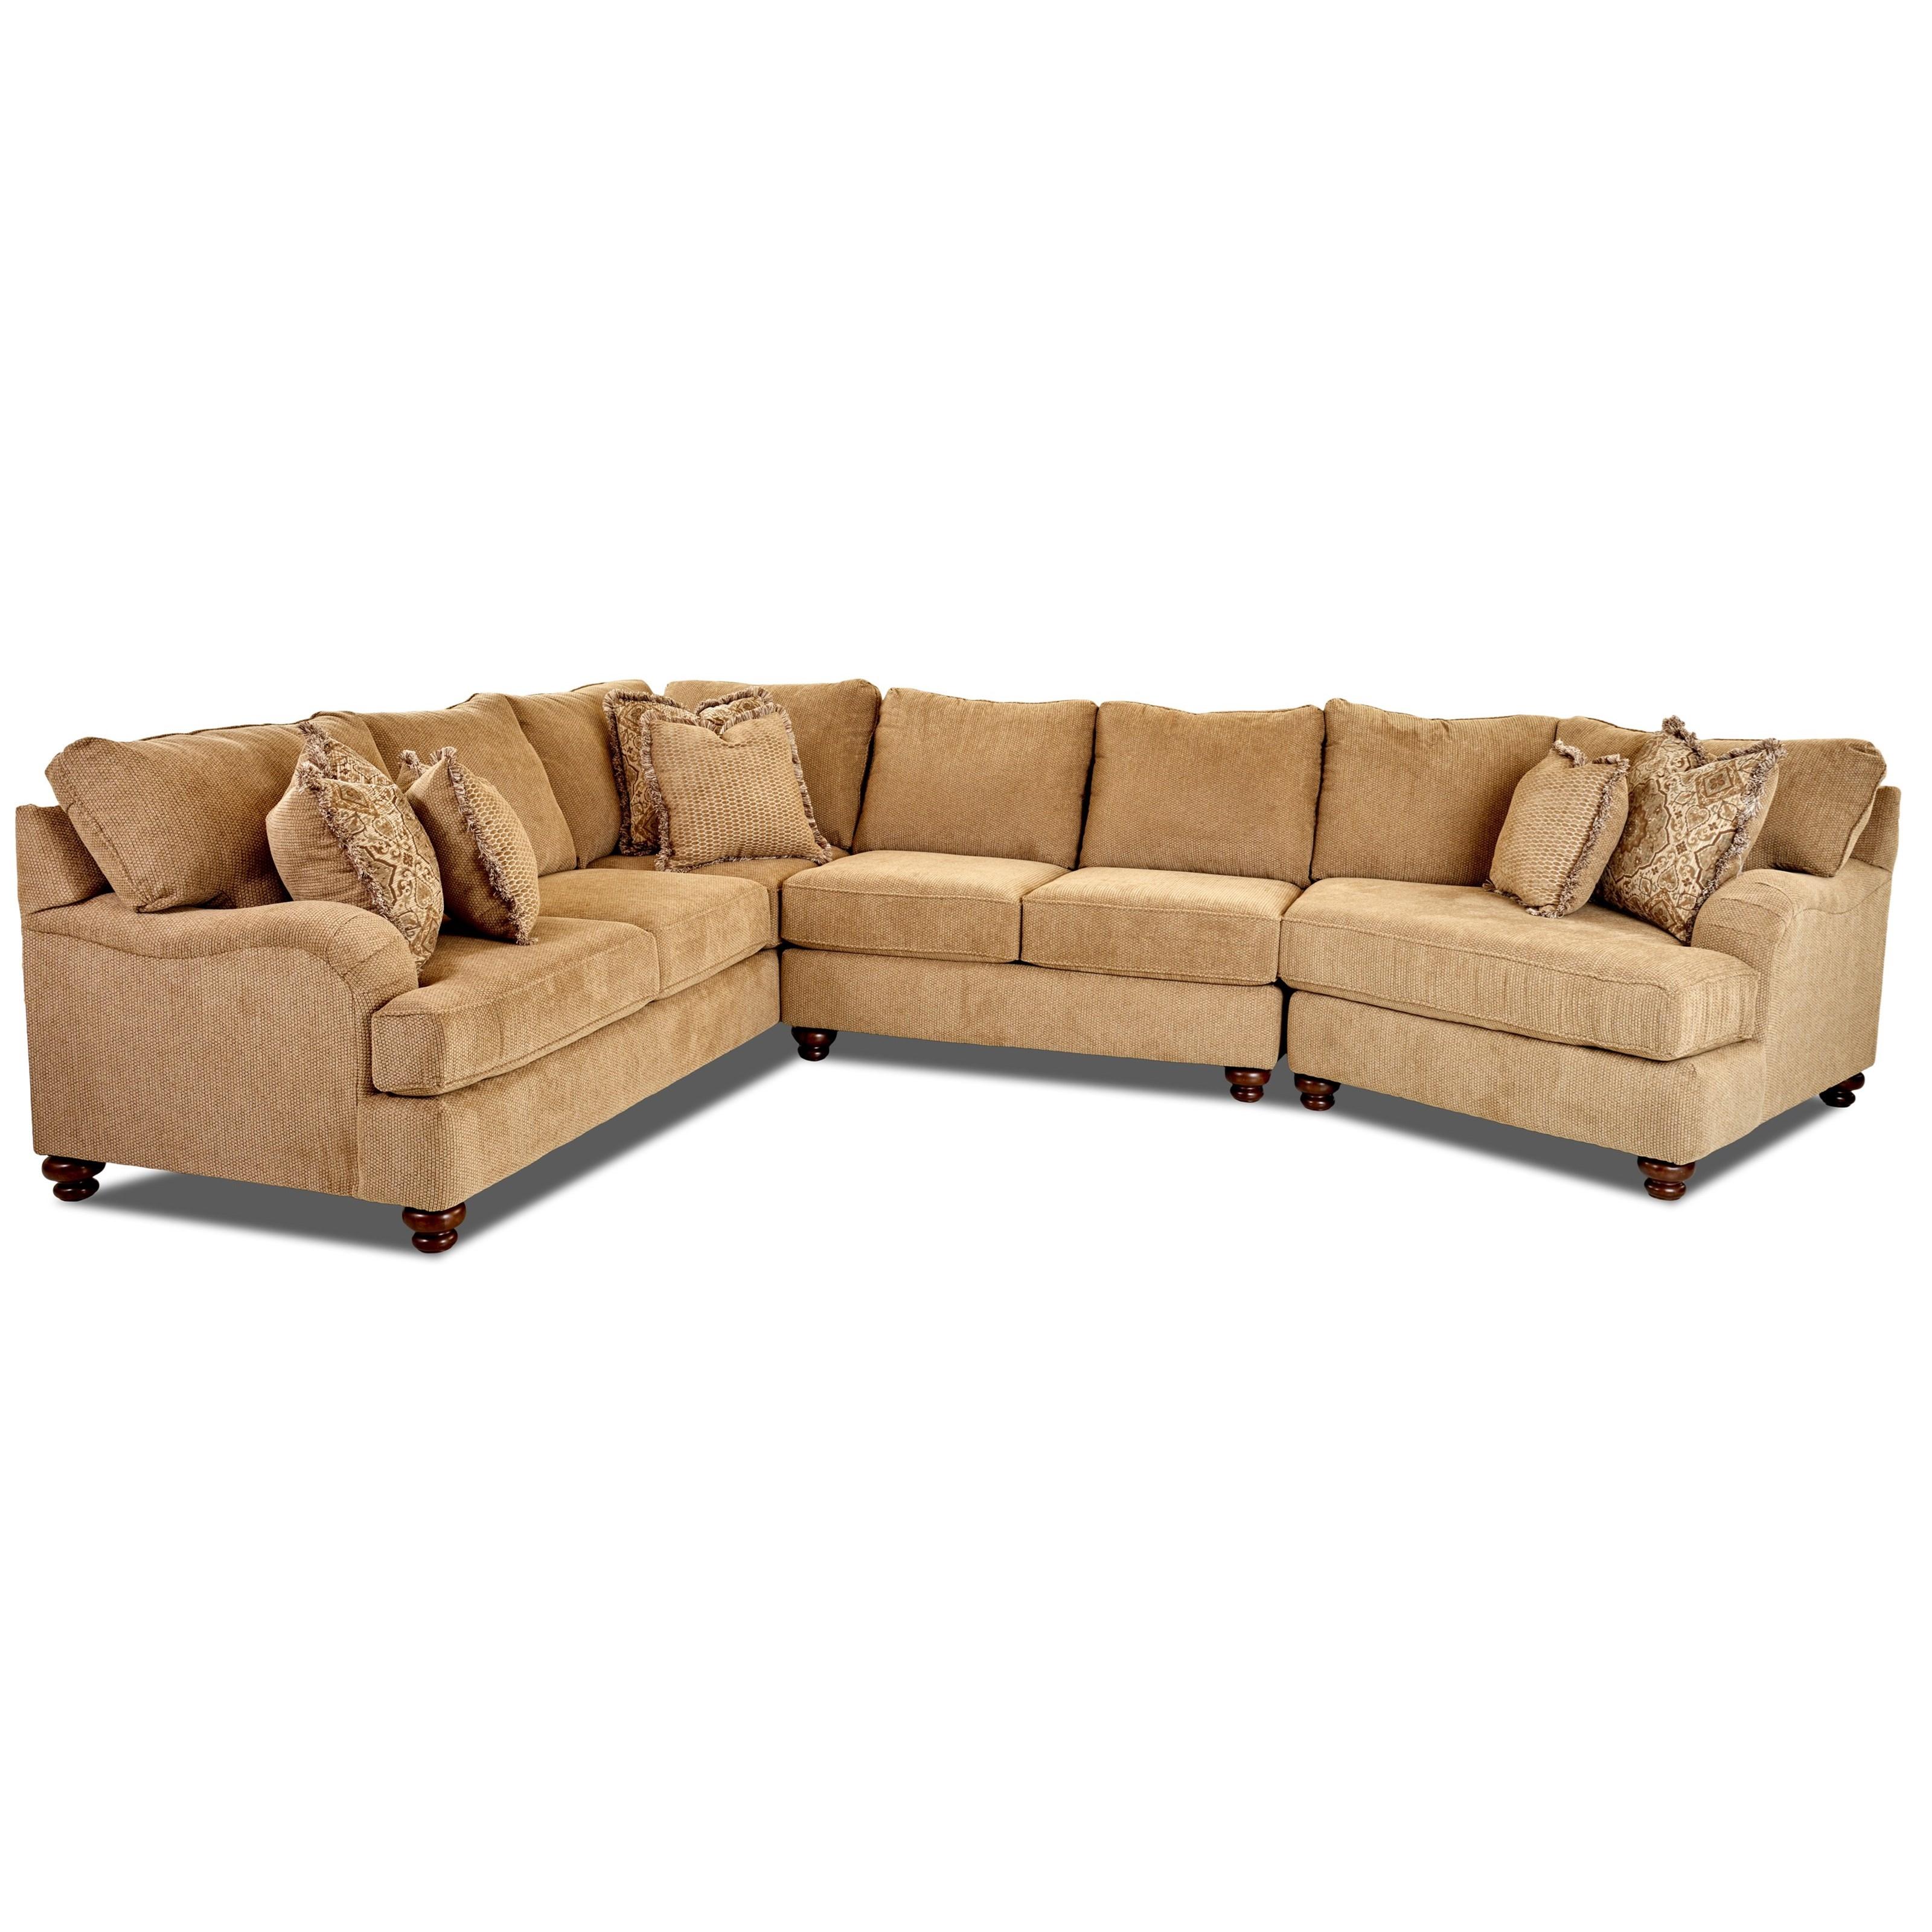 Three Piece Sectional Sofa with RAF Cuddler